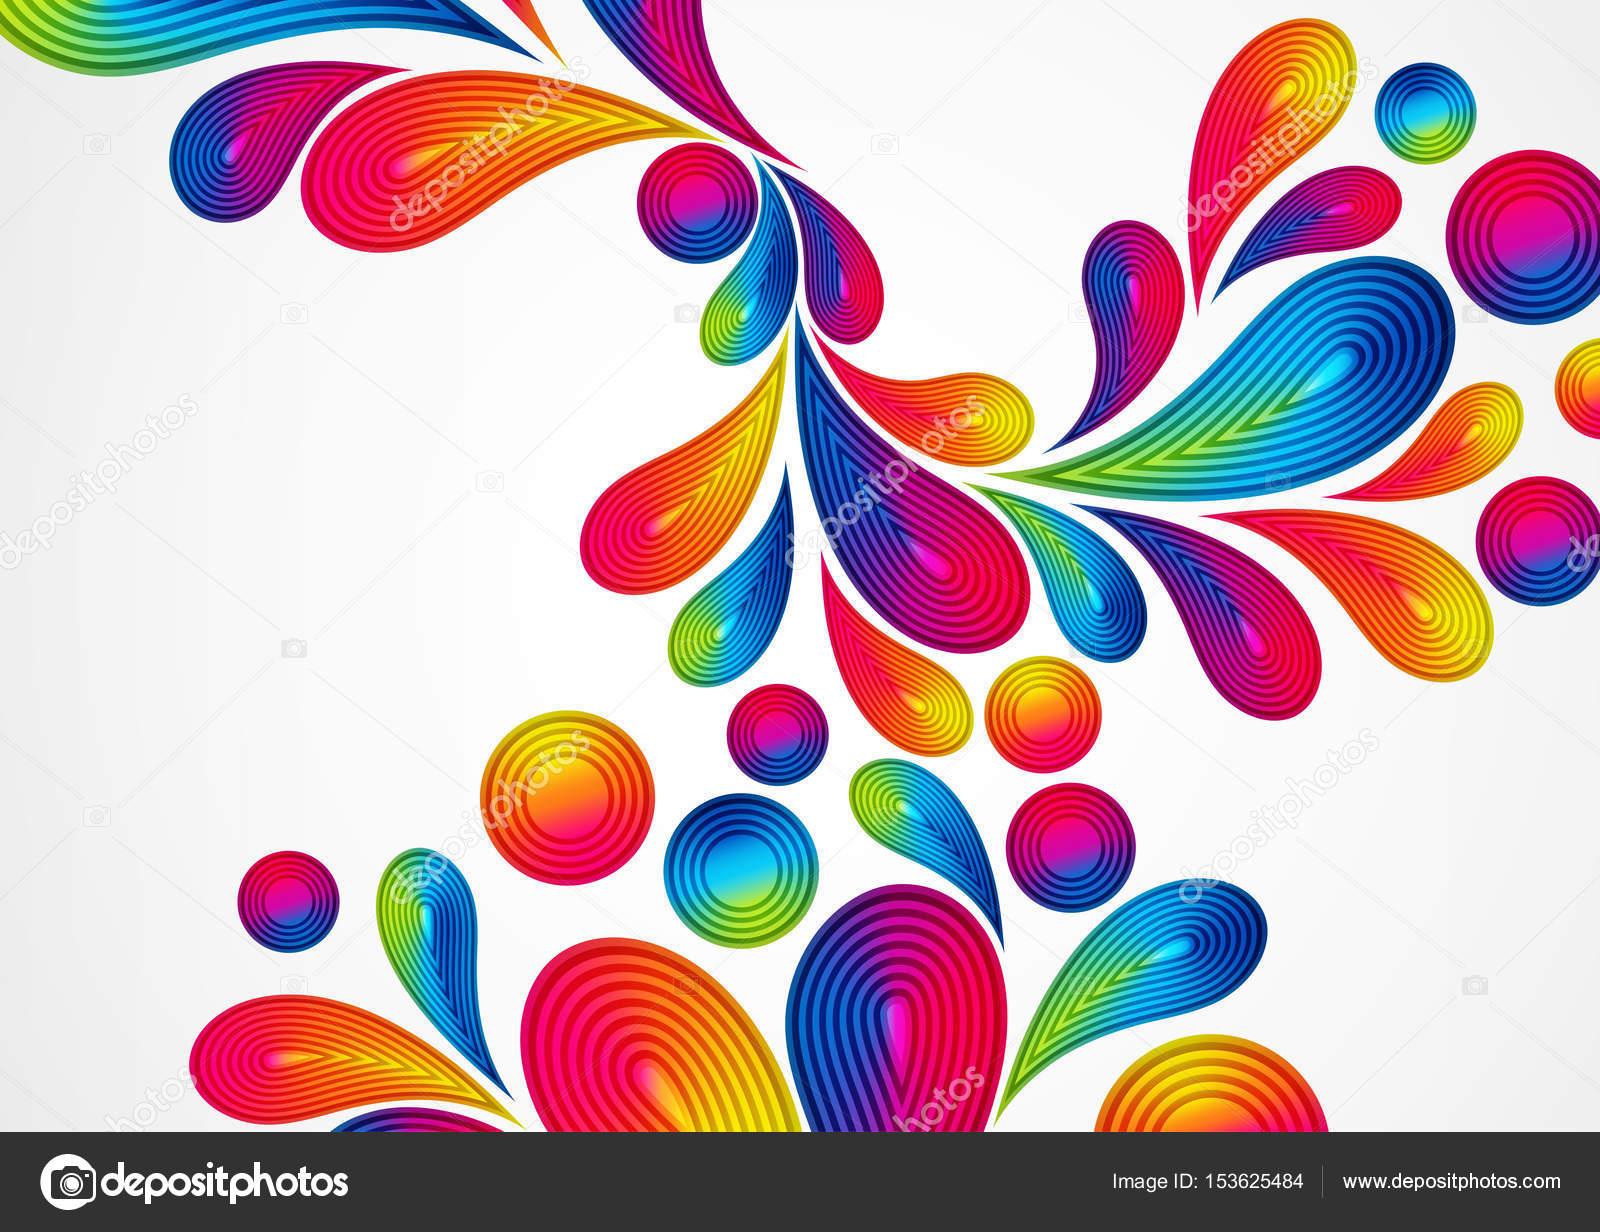 Astratto Sfondo Pallavolo Disegno Vettoriale: Sfondo Colorato Astratto Con Strisce Gocce Splash, Color